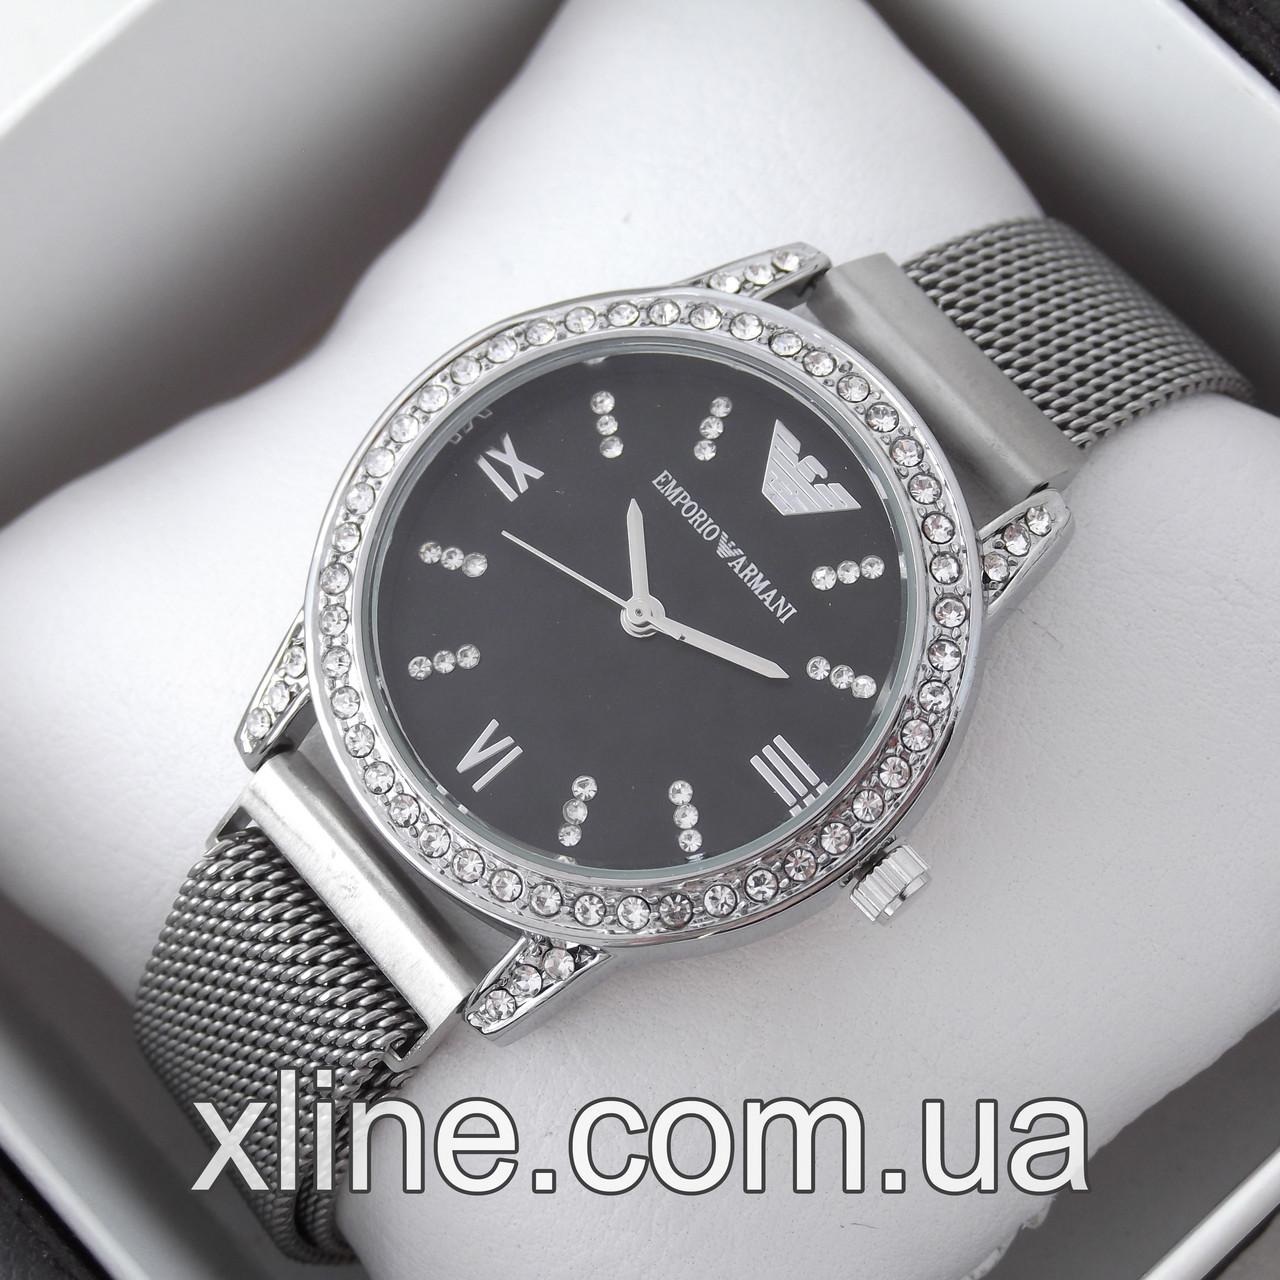 Жіночі наручні годинники Emporio Armani C33 на металевому браслеті